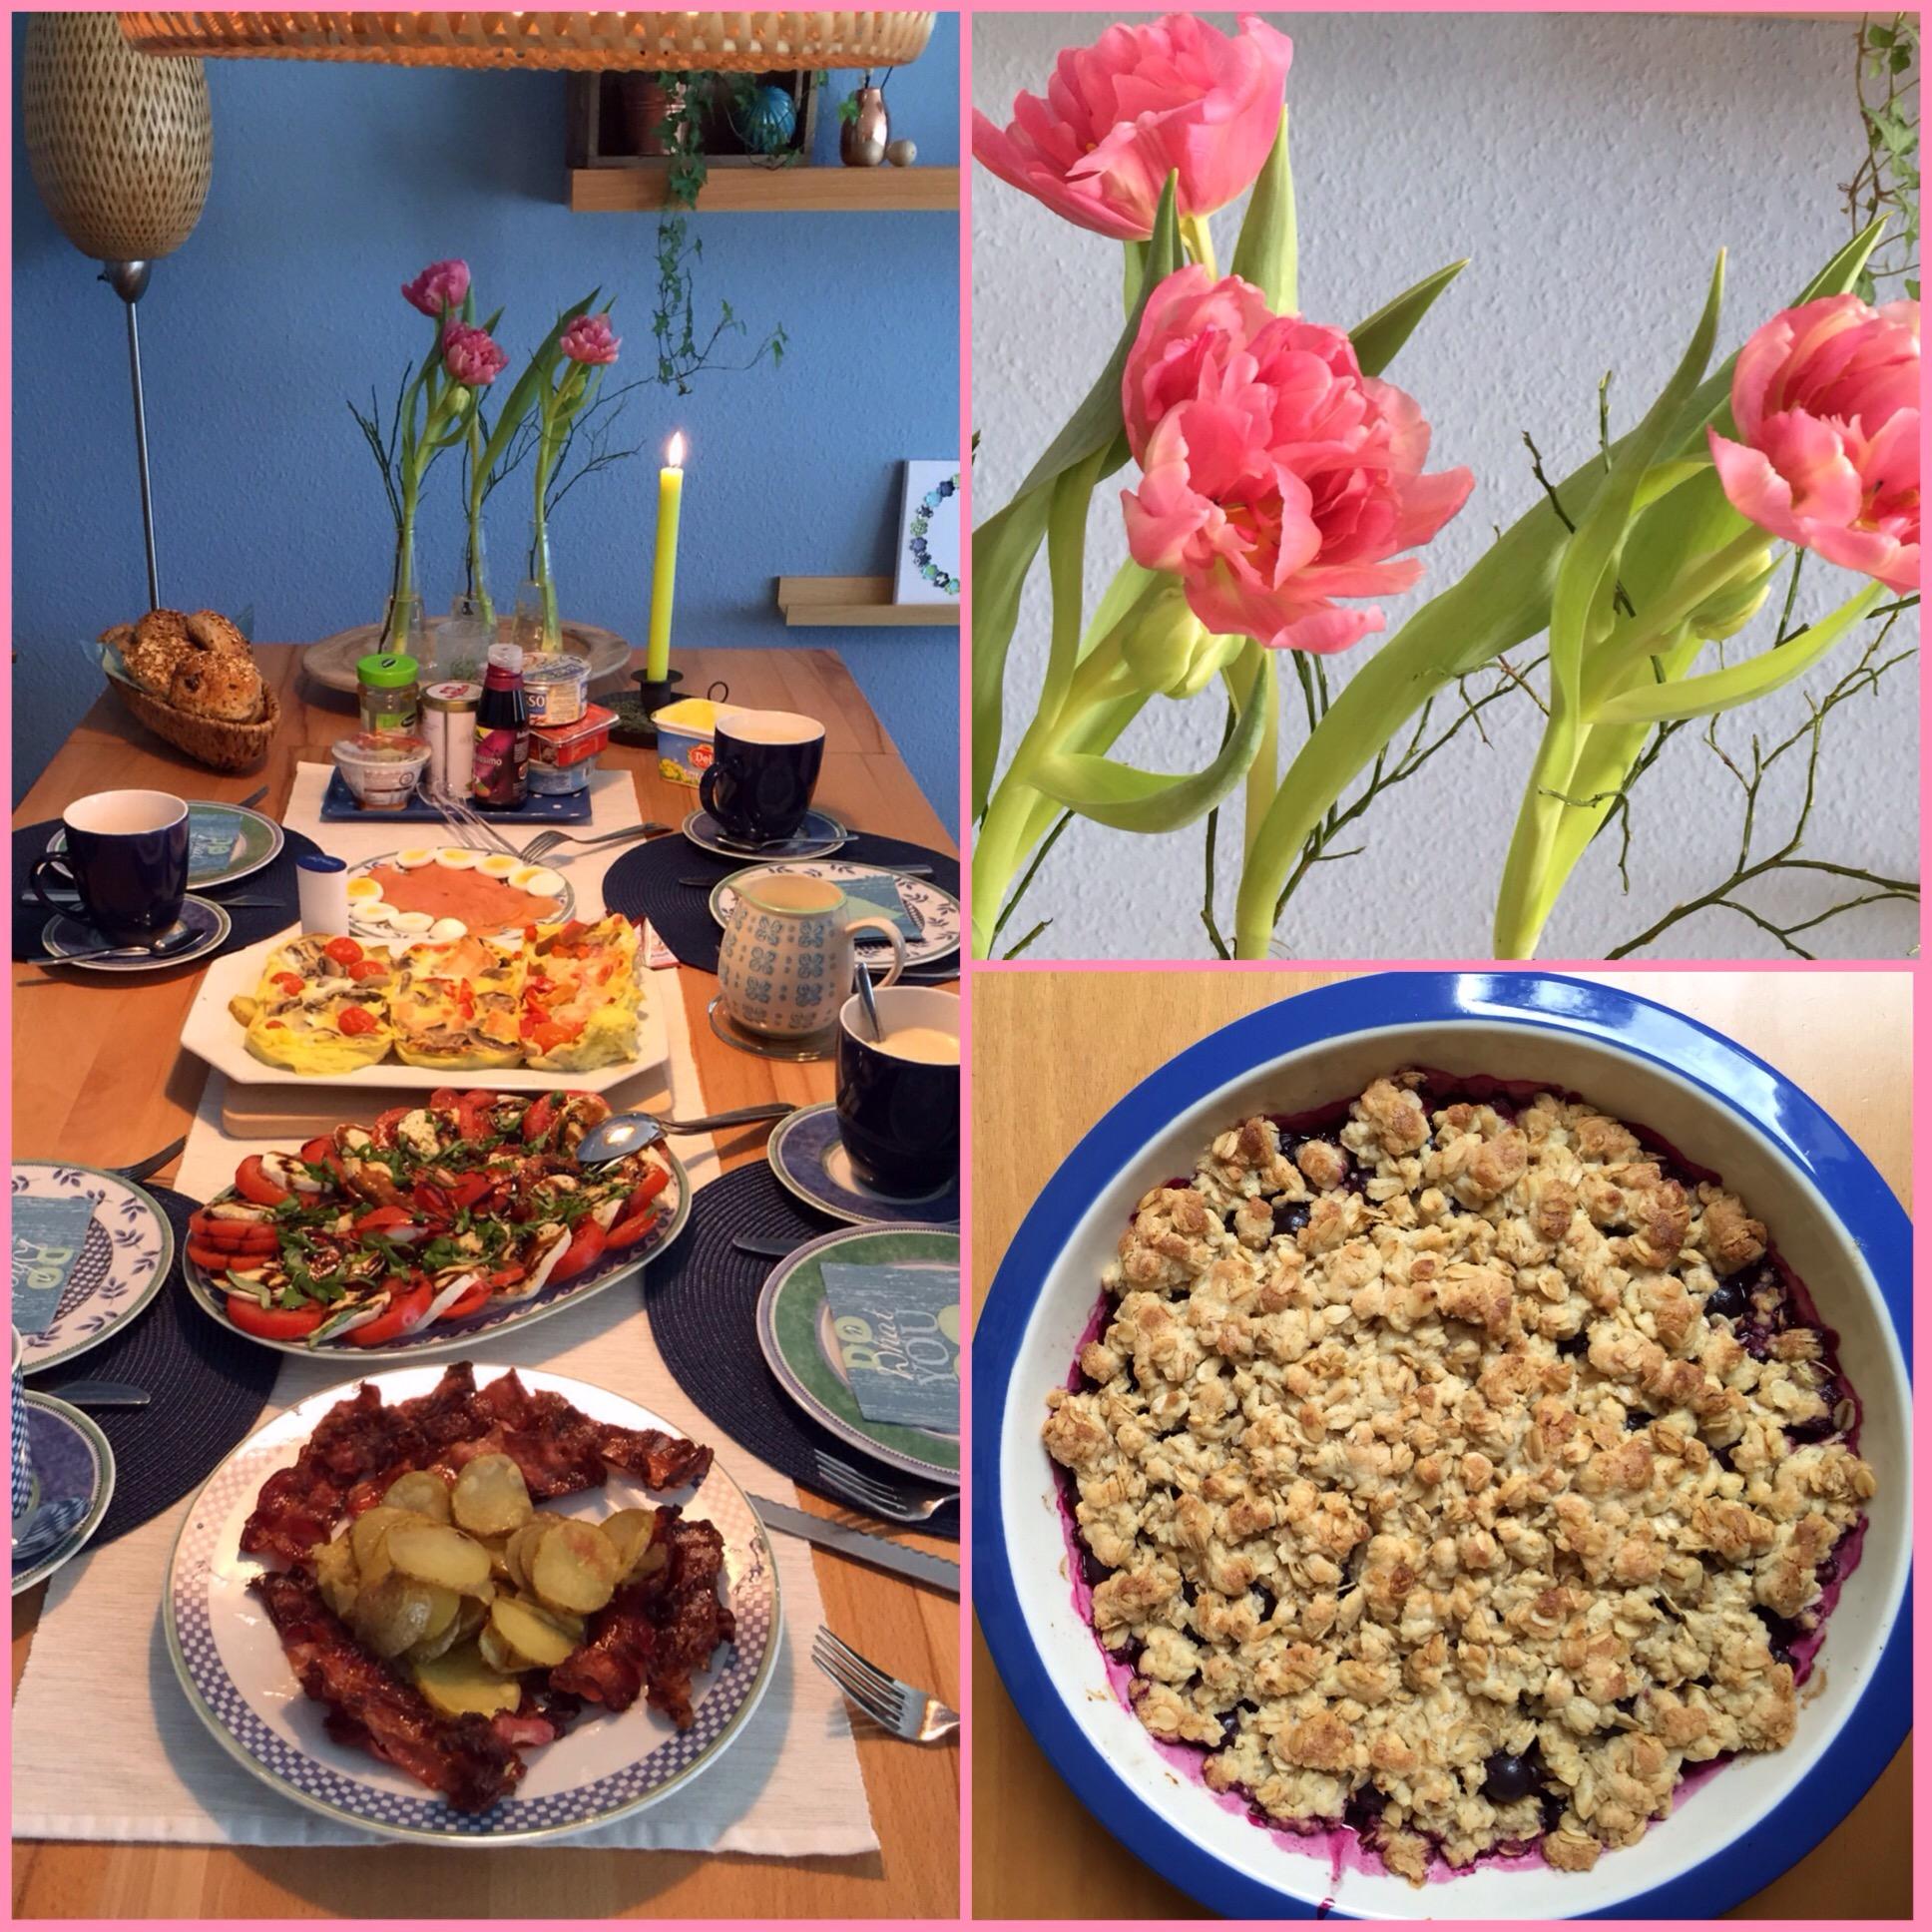 Mein Photo der Woche # 28 – oder – Brunch, Blueberry-Crumble and Tulips